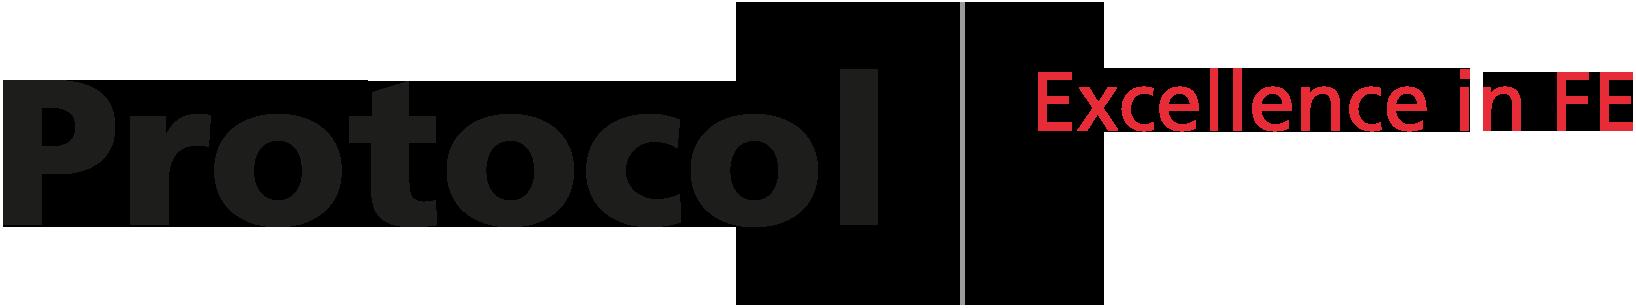 protocol-logopng